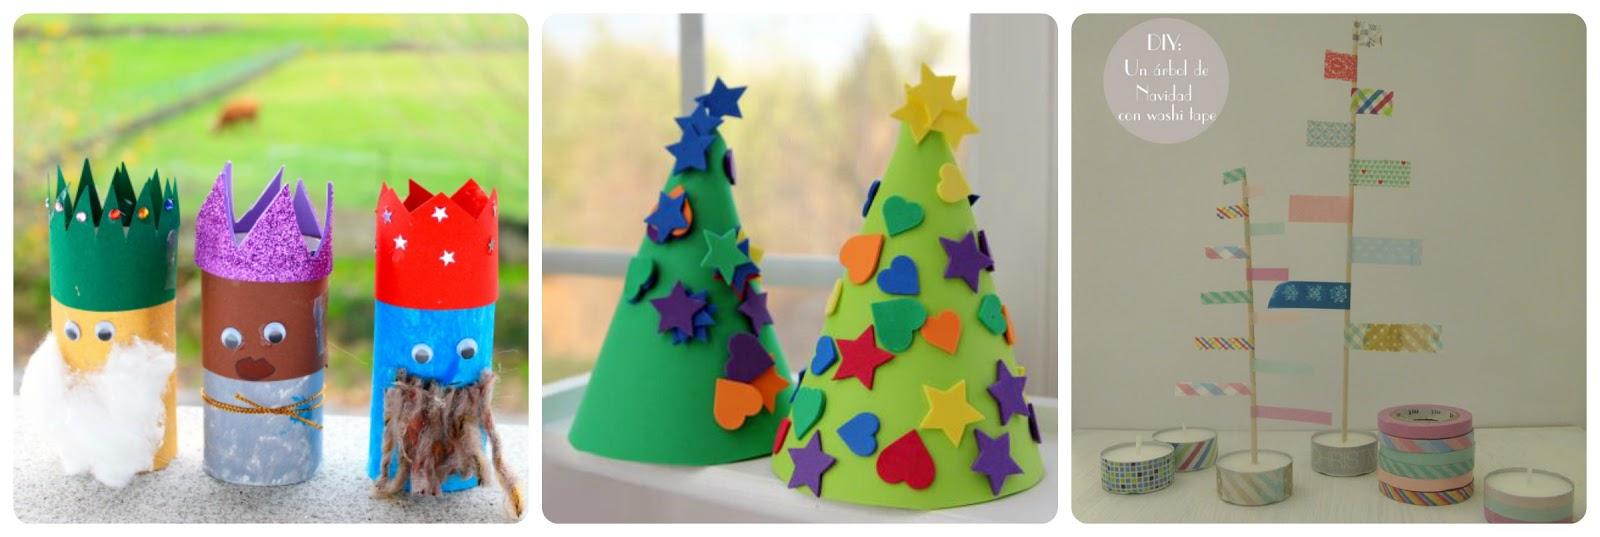 Subida en mis tacones mam en pr cticas cuatro - Manualidades para navidades ...